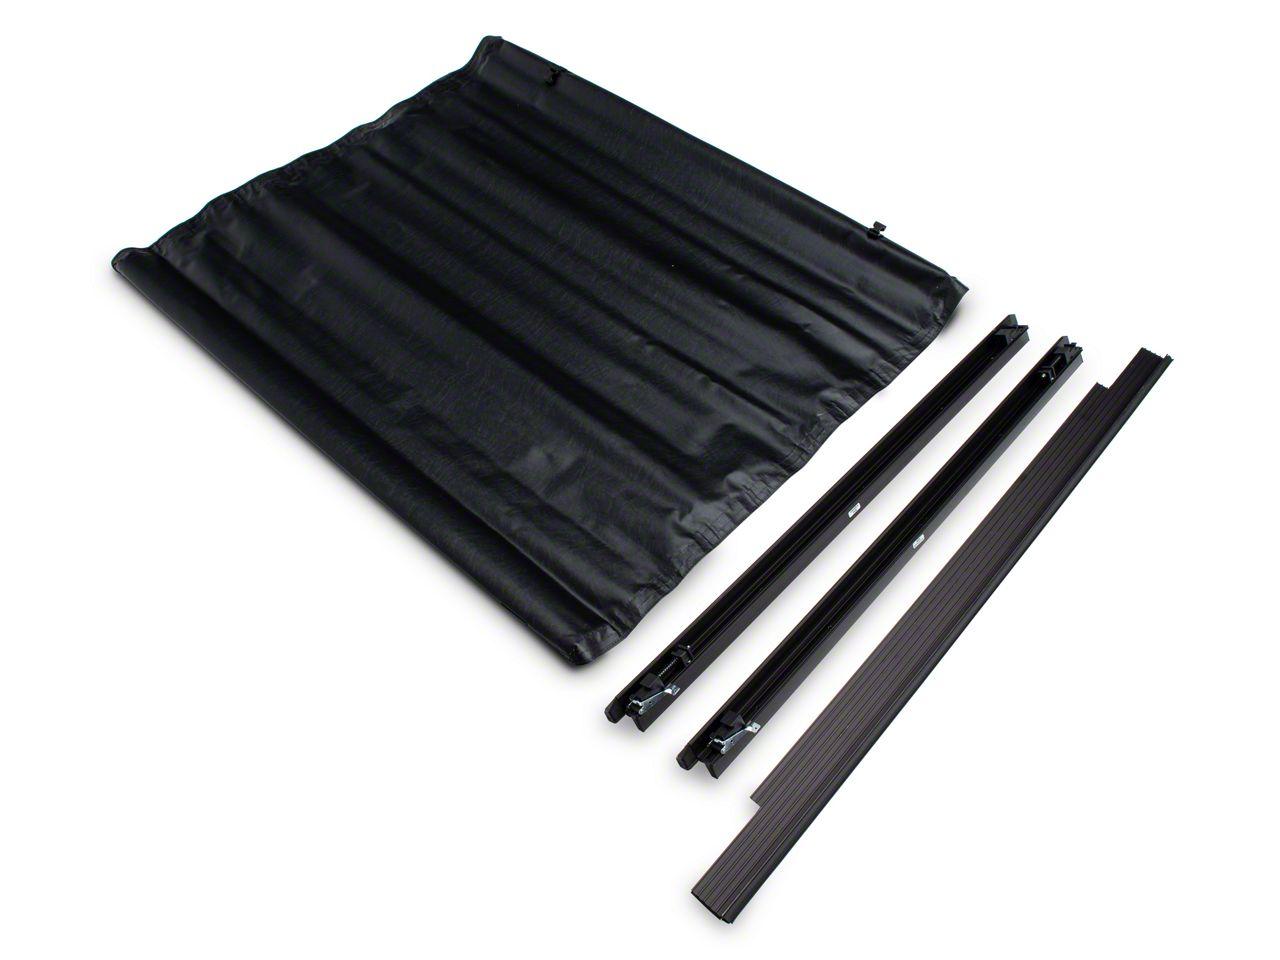 Extang Express Toolbox Tonneau Cover (14-18 Silverado 1500)